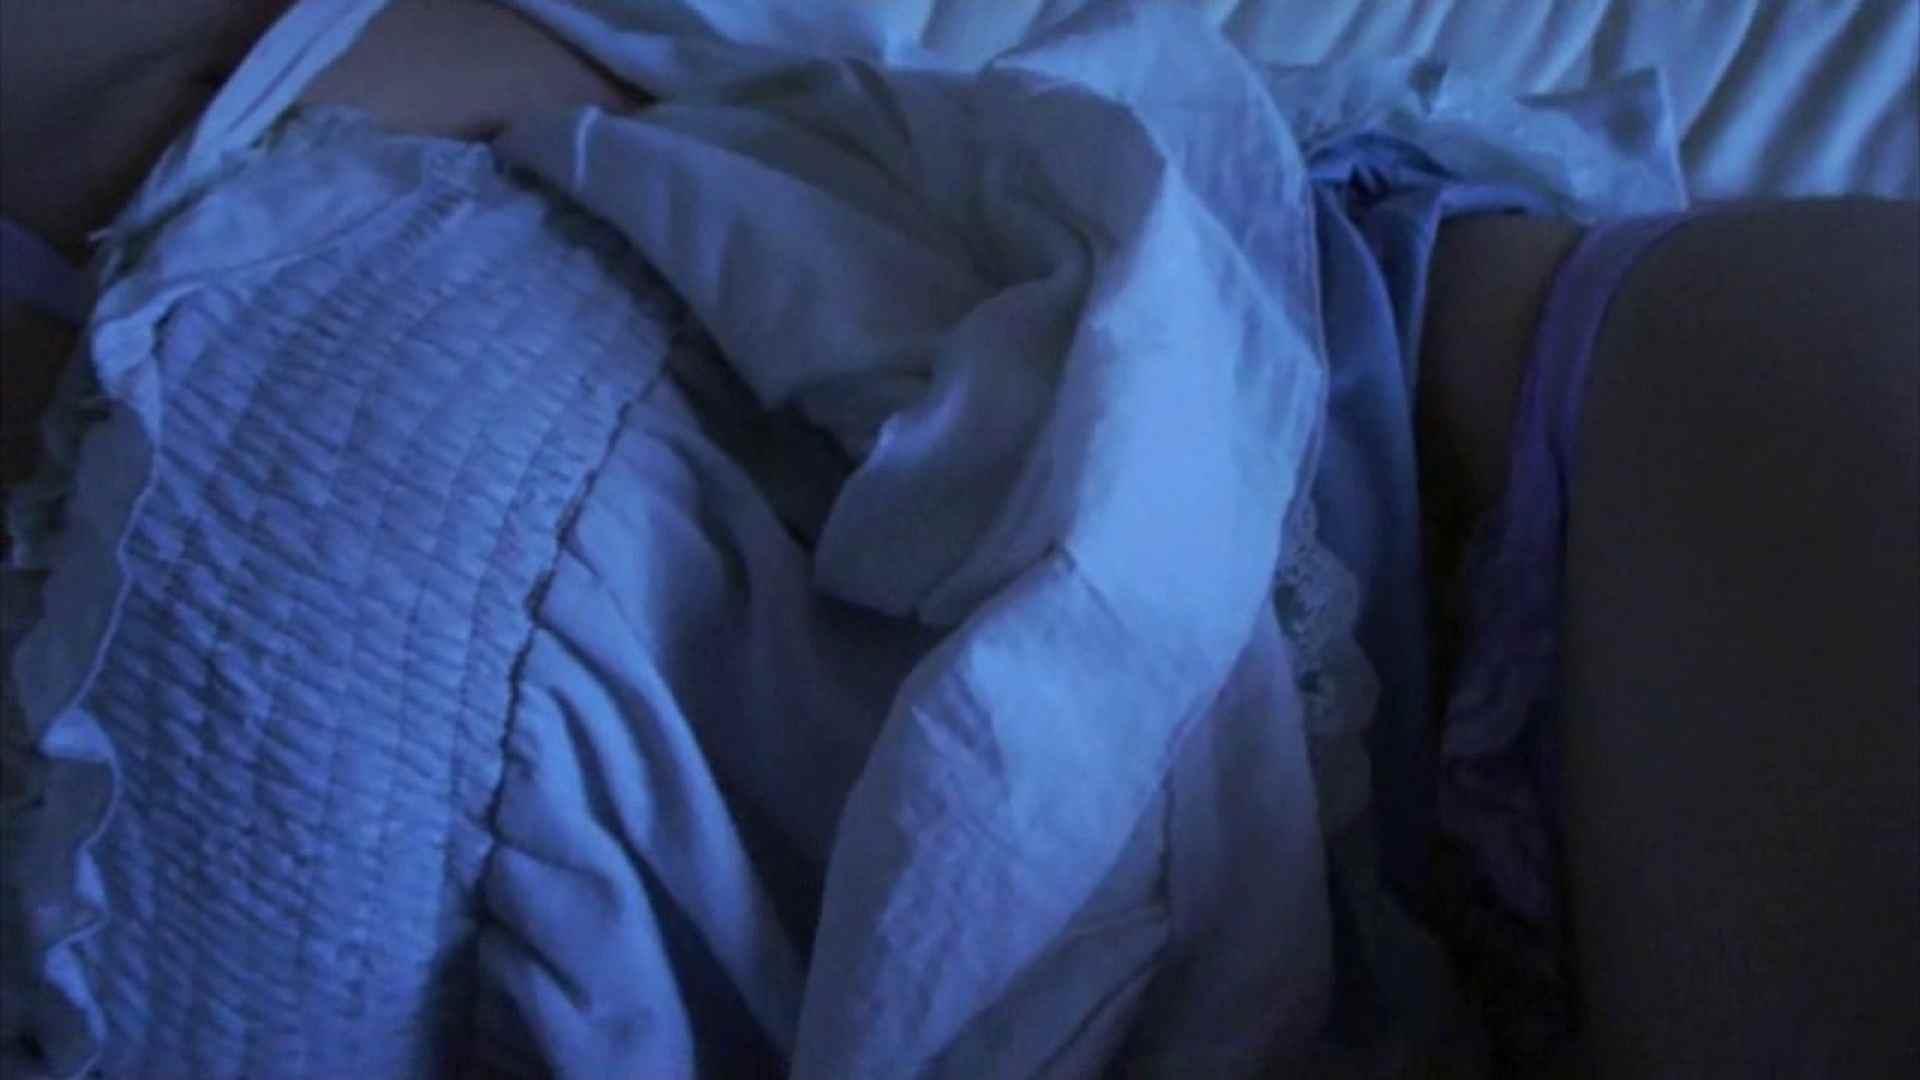 vol.5 ー前編ーユリナちゃんの身体を隅々まで観察しました。 いじくり   民家  89画像 16